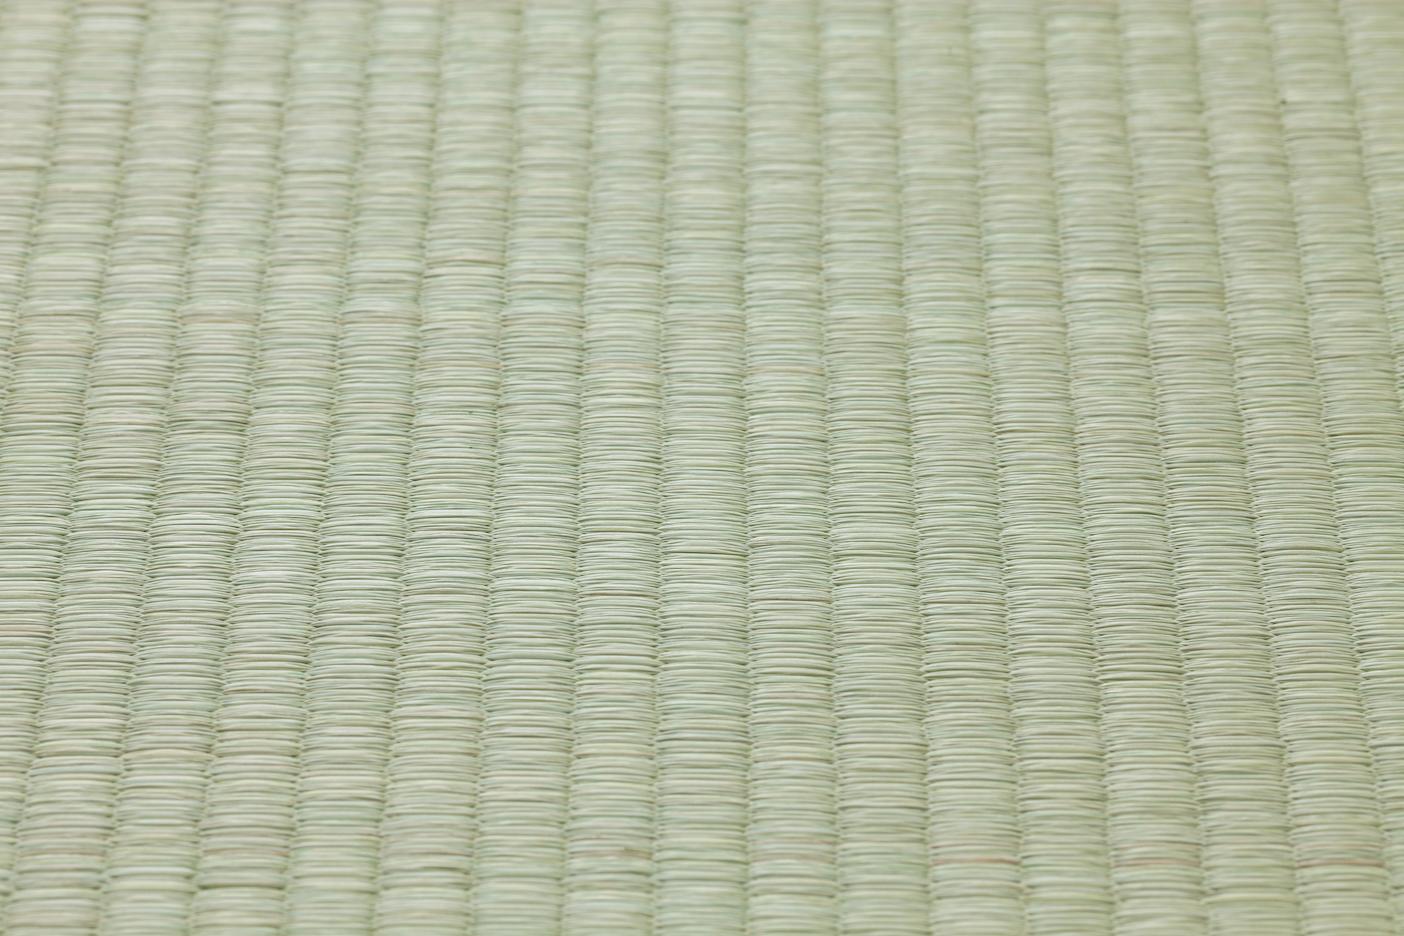 Tatami-de-paja-que-cubre-el-suelo-de-las-estancias-principales-en-una-casa-de-estilo-japonés-utilizan-materiales-naturales